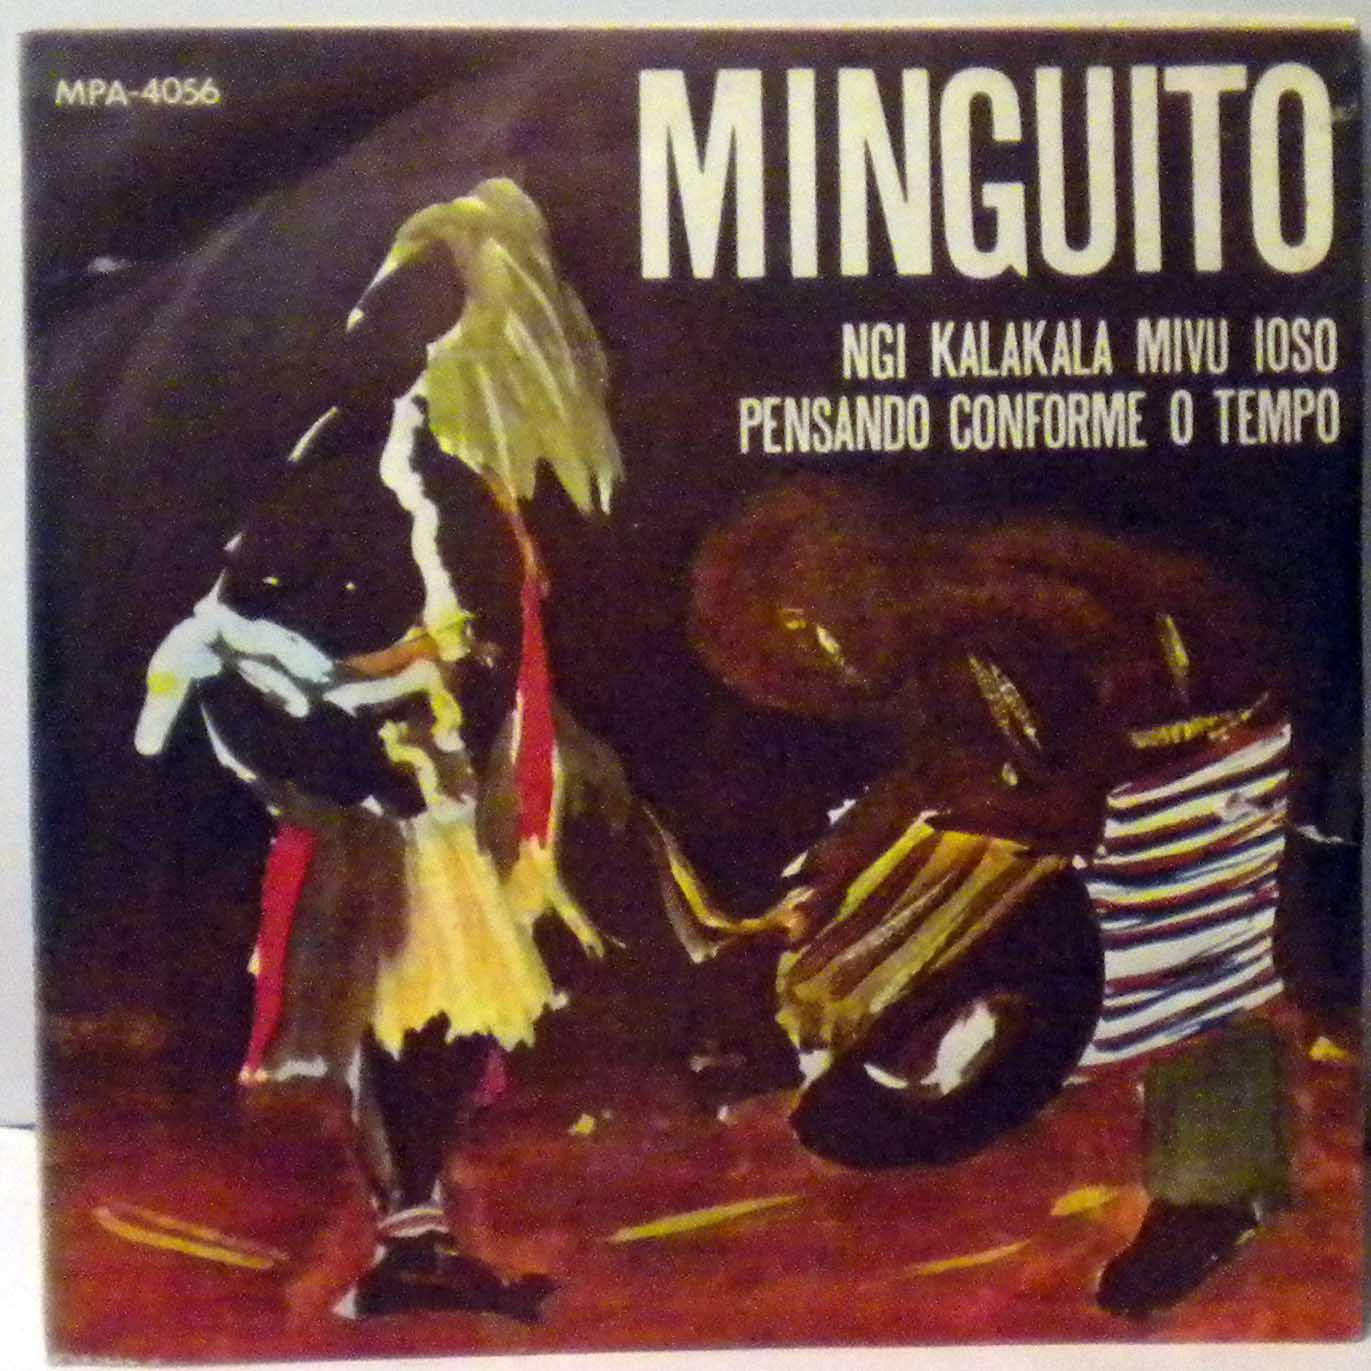 MINGUITO - Ngi kalakala mivu ioso / Pensando conforme o tempo - 7inch (SP)